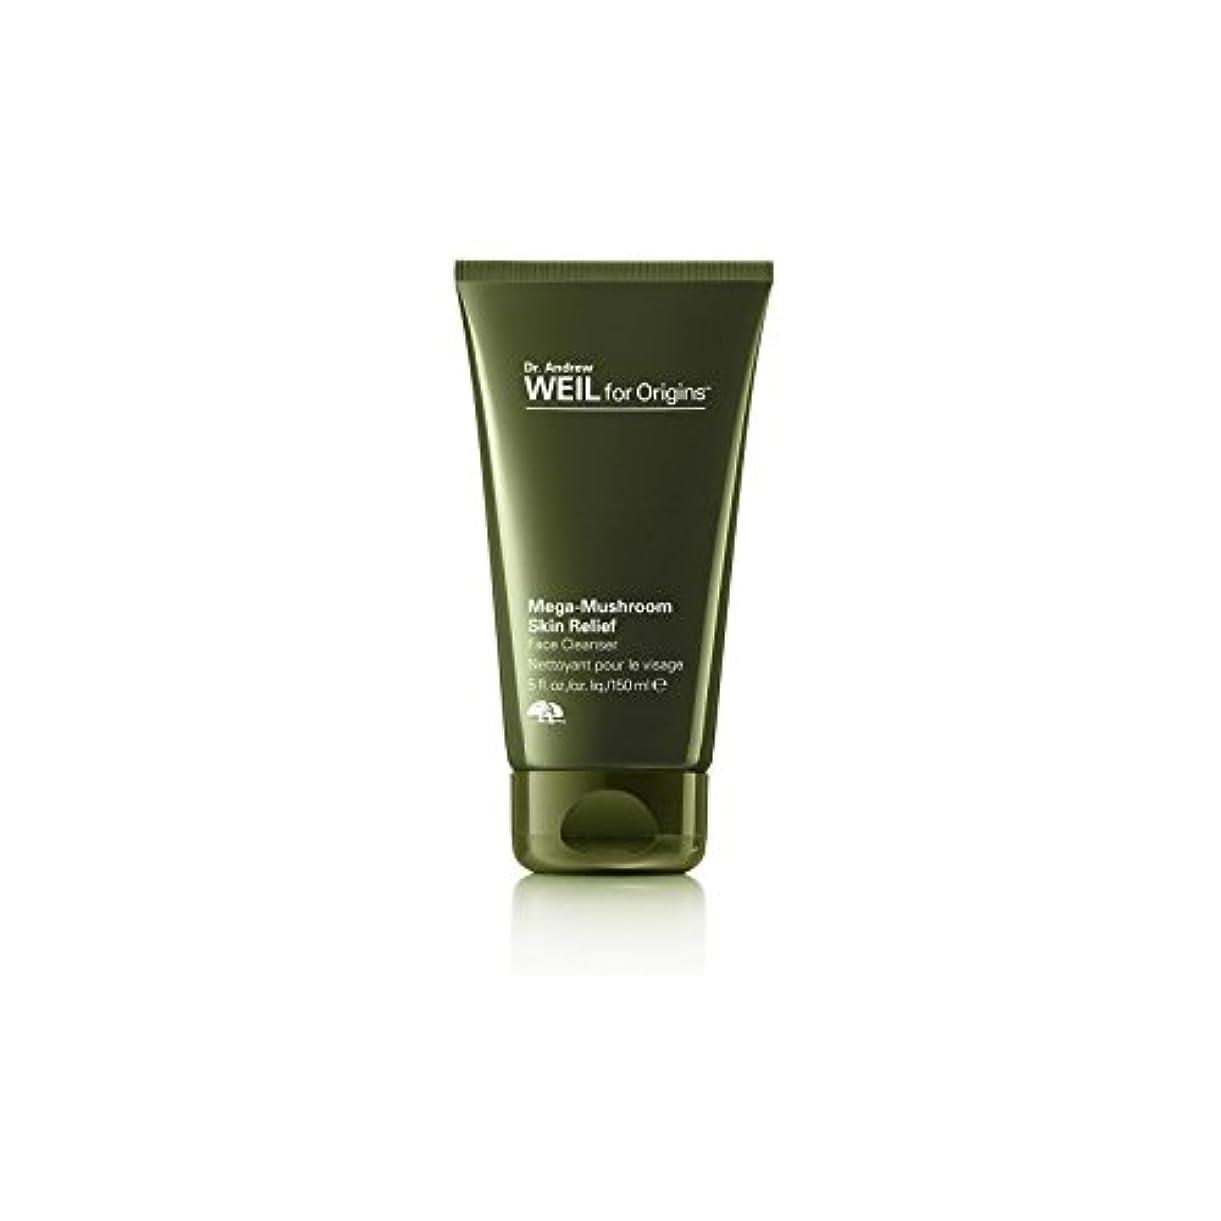 風味陰謀マイクロ起源アンドルー?ワイル起源メガキノコ皮膚救済顔クレンザー150ミリリットルのために x4 - Origins Dr. Andrew Weil For Origins Mega-Mushroom Skin Relief Face...